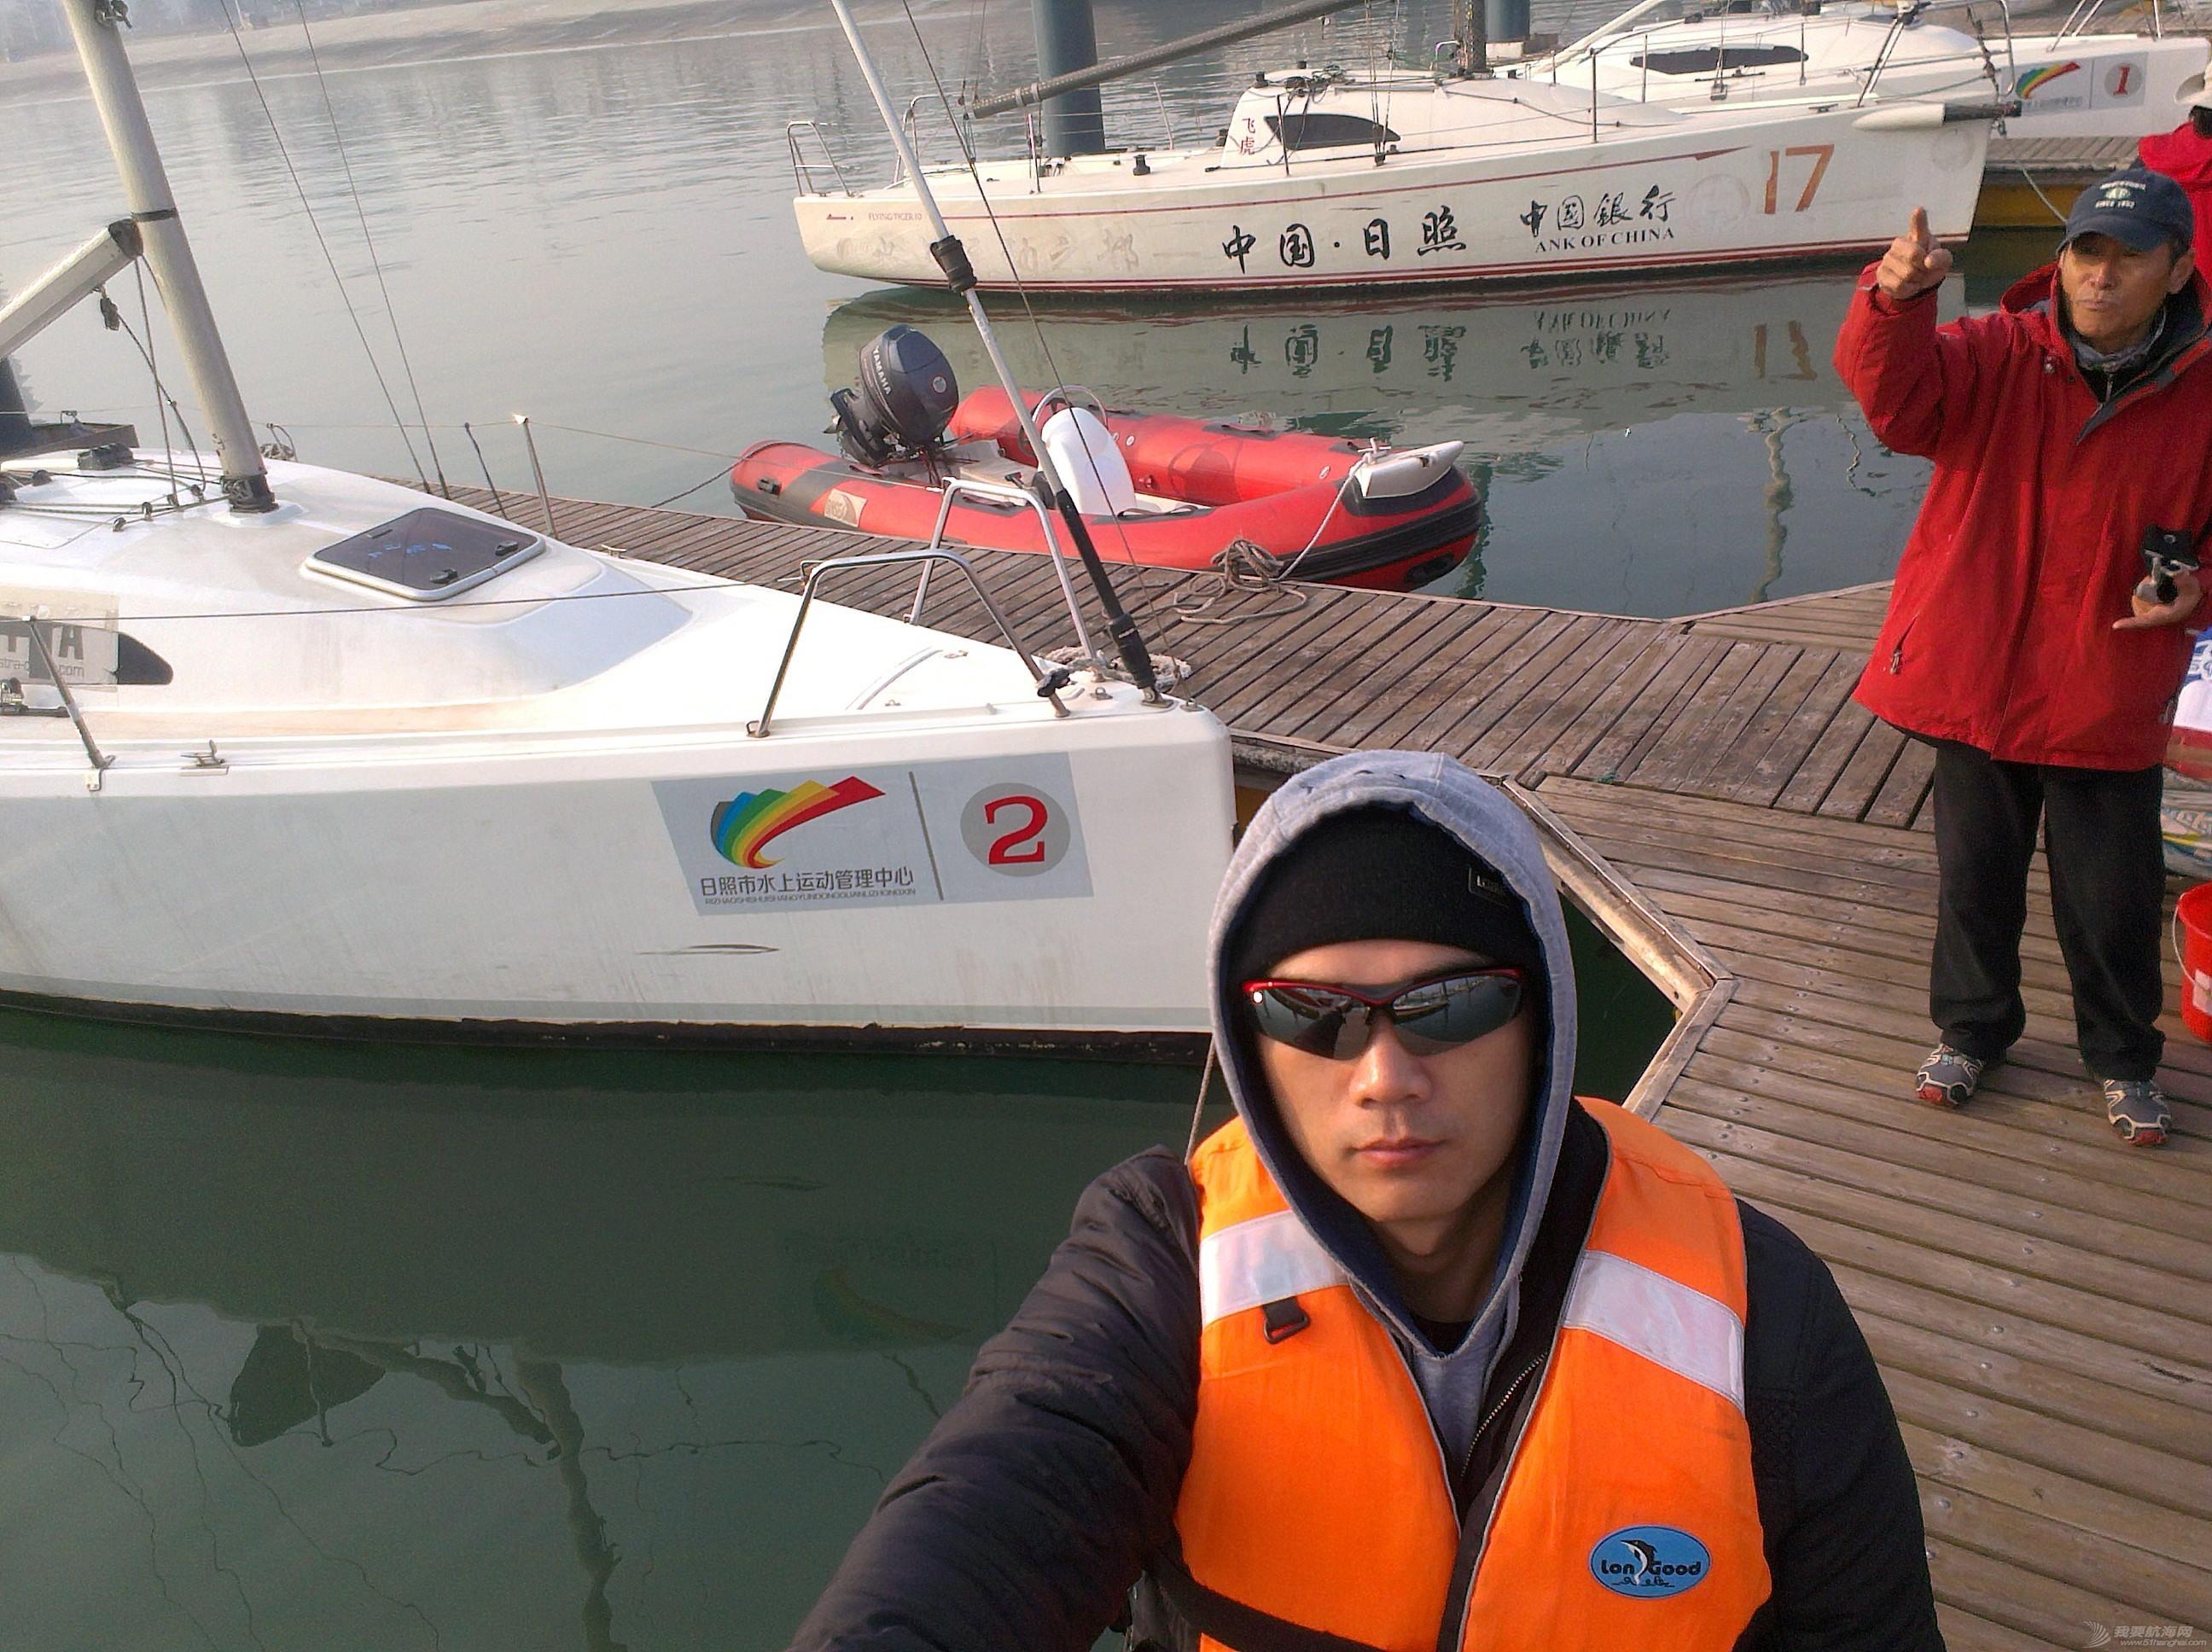 帆船 免费航海不是梦…我是十四期学员(我要去航海/全民公益航海帆船训练) C360_2016-01-03-09-34-58-418.jpg